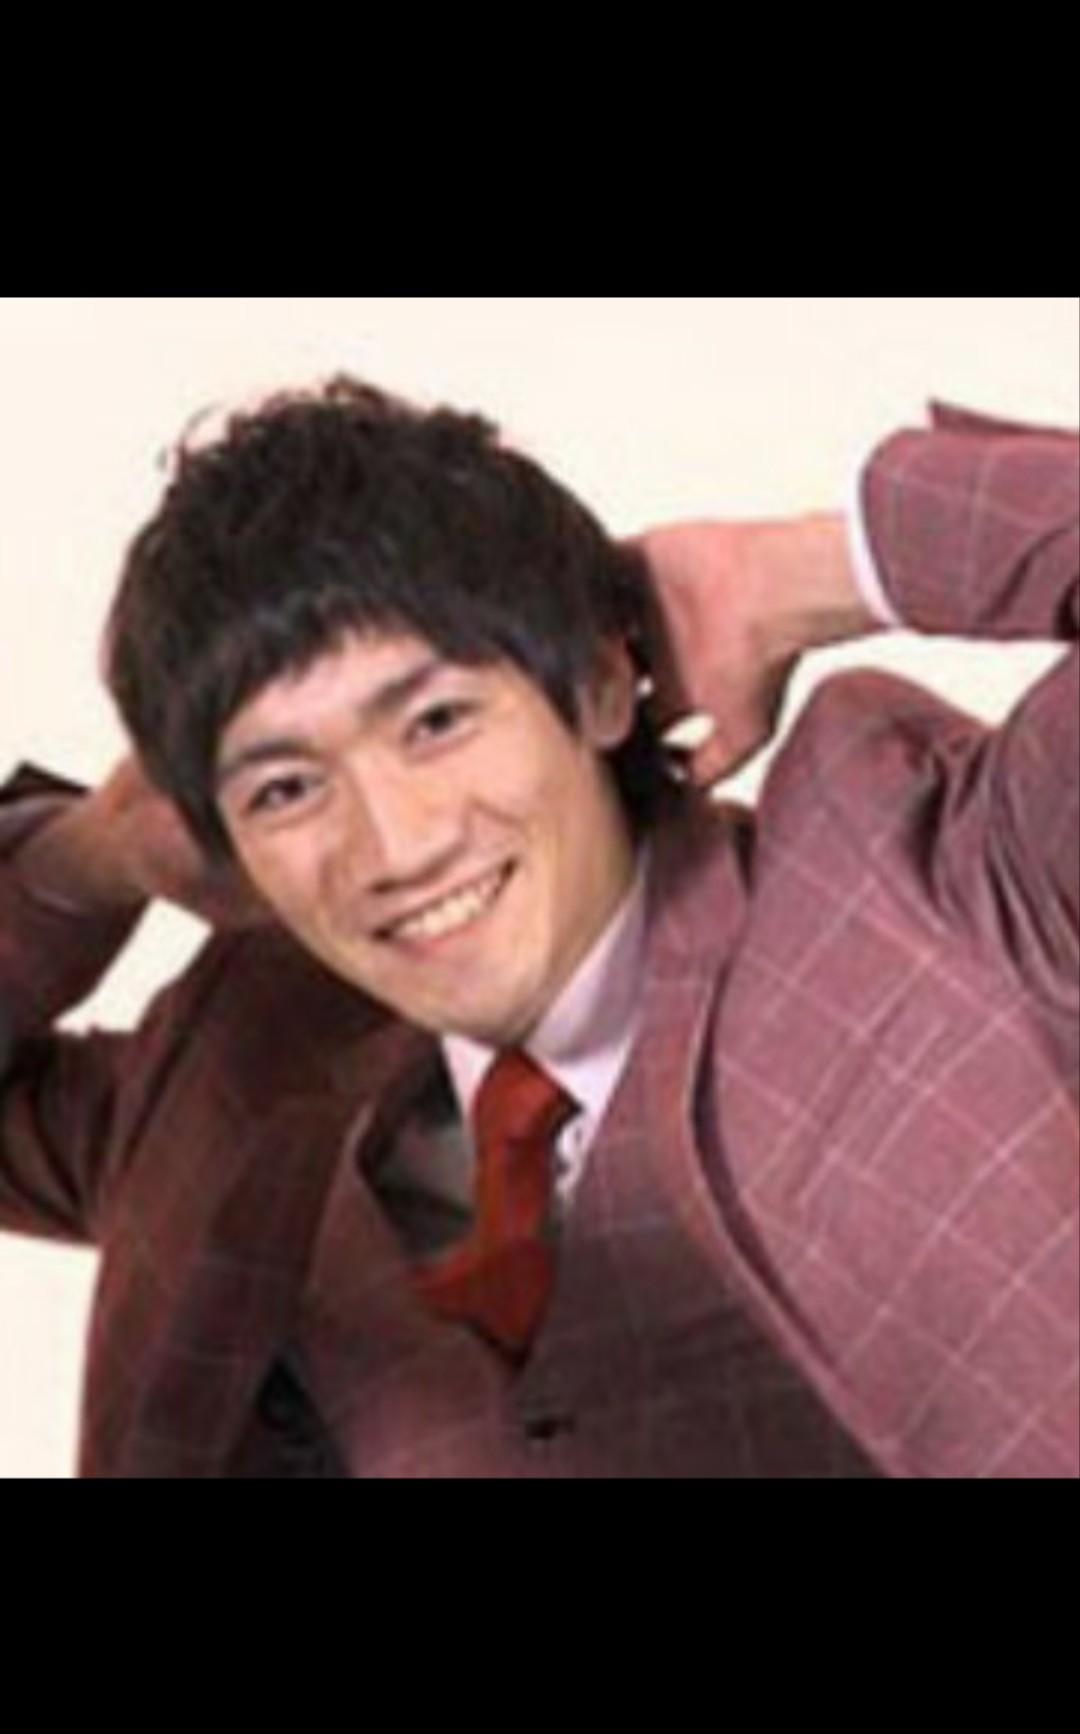 おはようコマタツ 8月26日 「ドドん石田さんお誕生日パーティーのお話石田さんの素敵なところのお話」